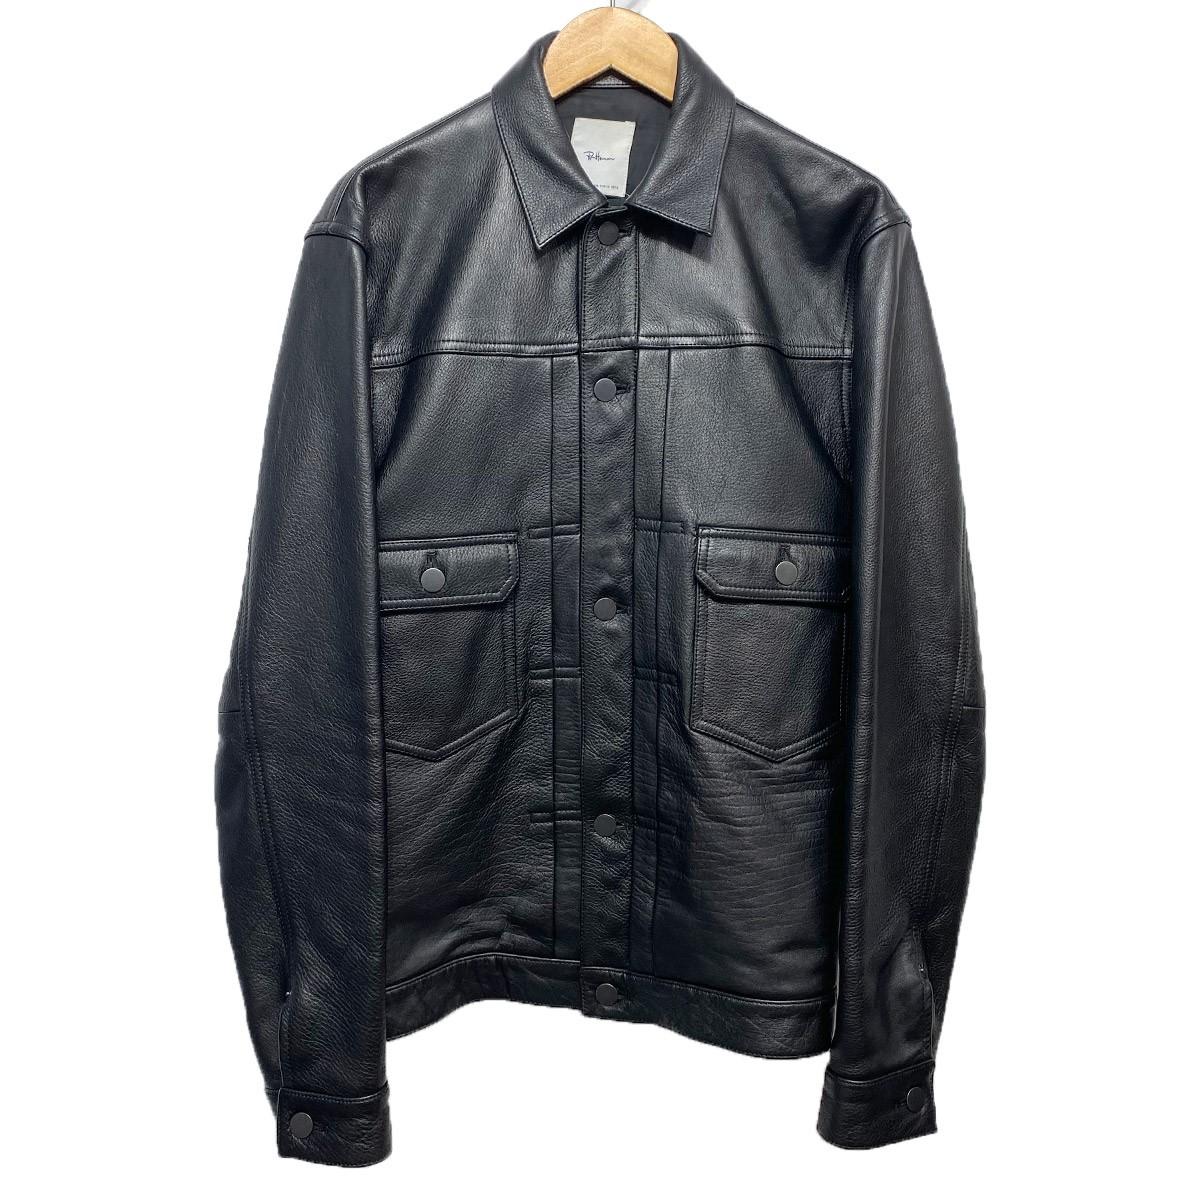 【中古】Ron Herman 16AW カウレザートラッカージャケット ブラック サイズ:M 【111119】(ロンハーマン)